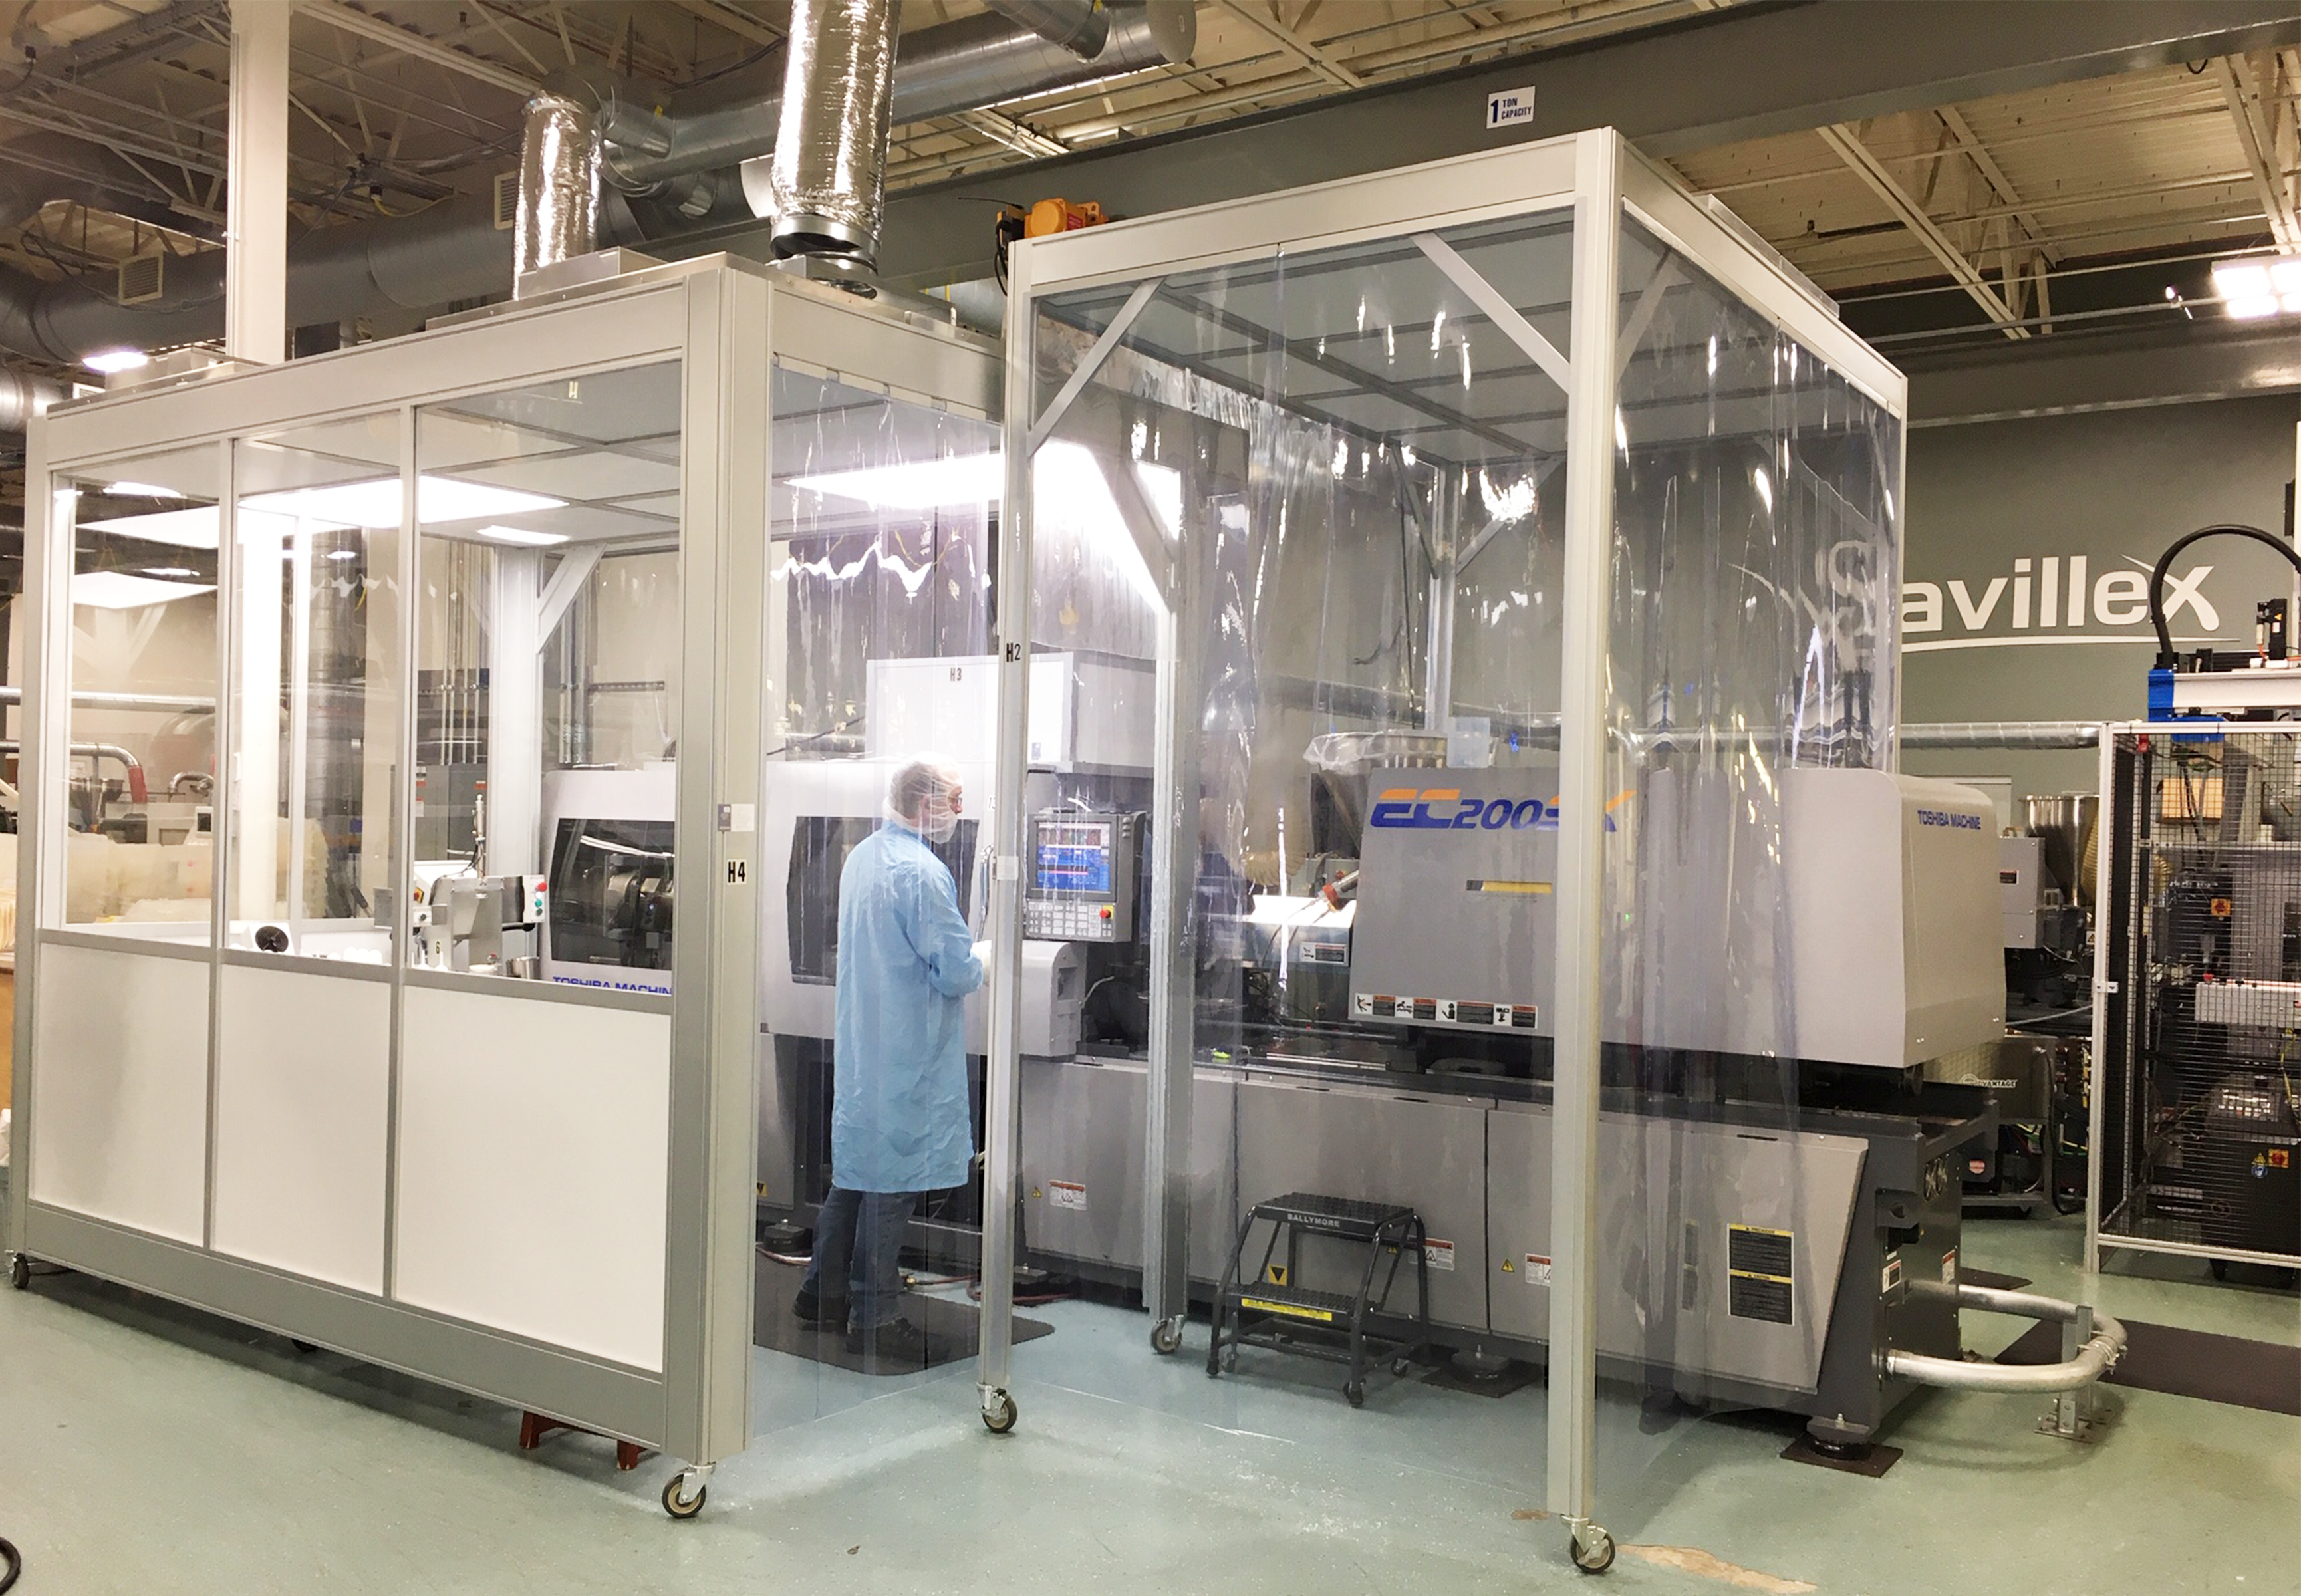 Savillex Employee Manufacturing